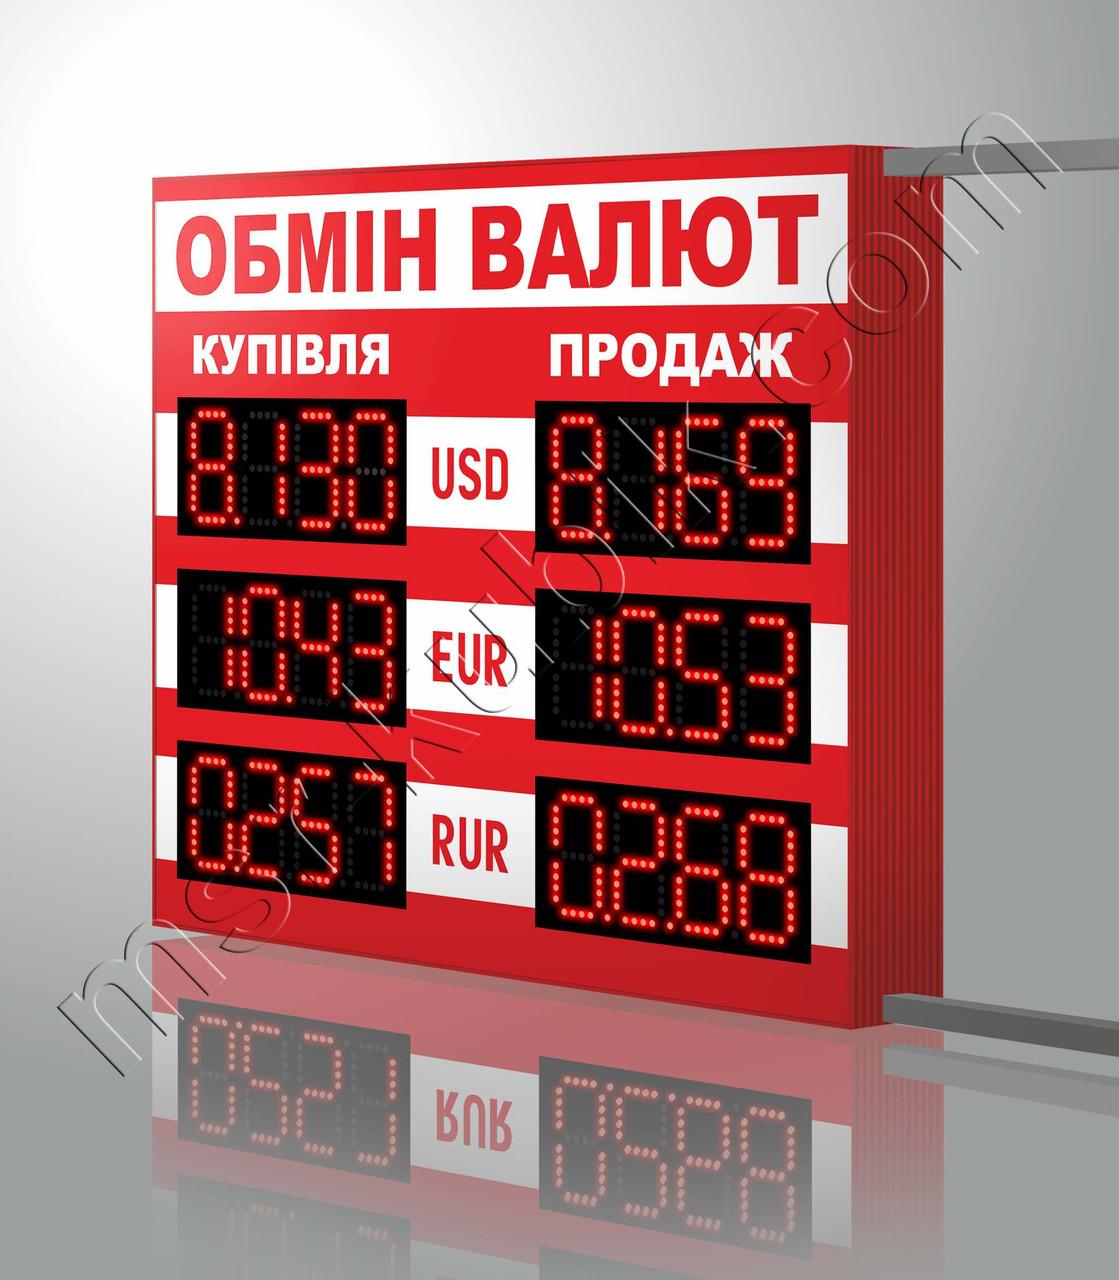 Табло обмін валют 760х680 мм